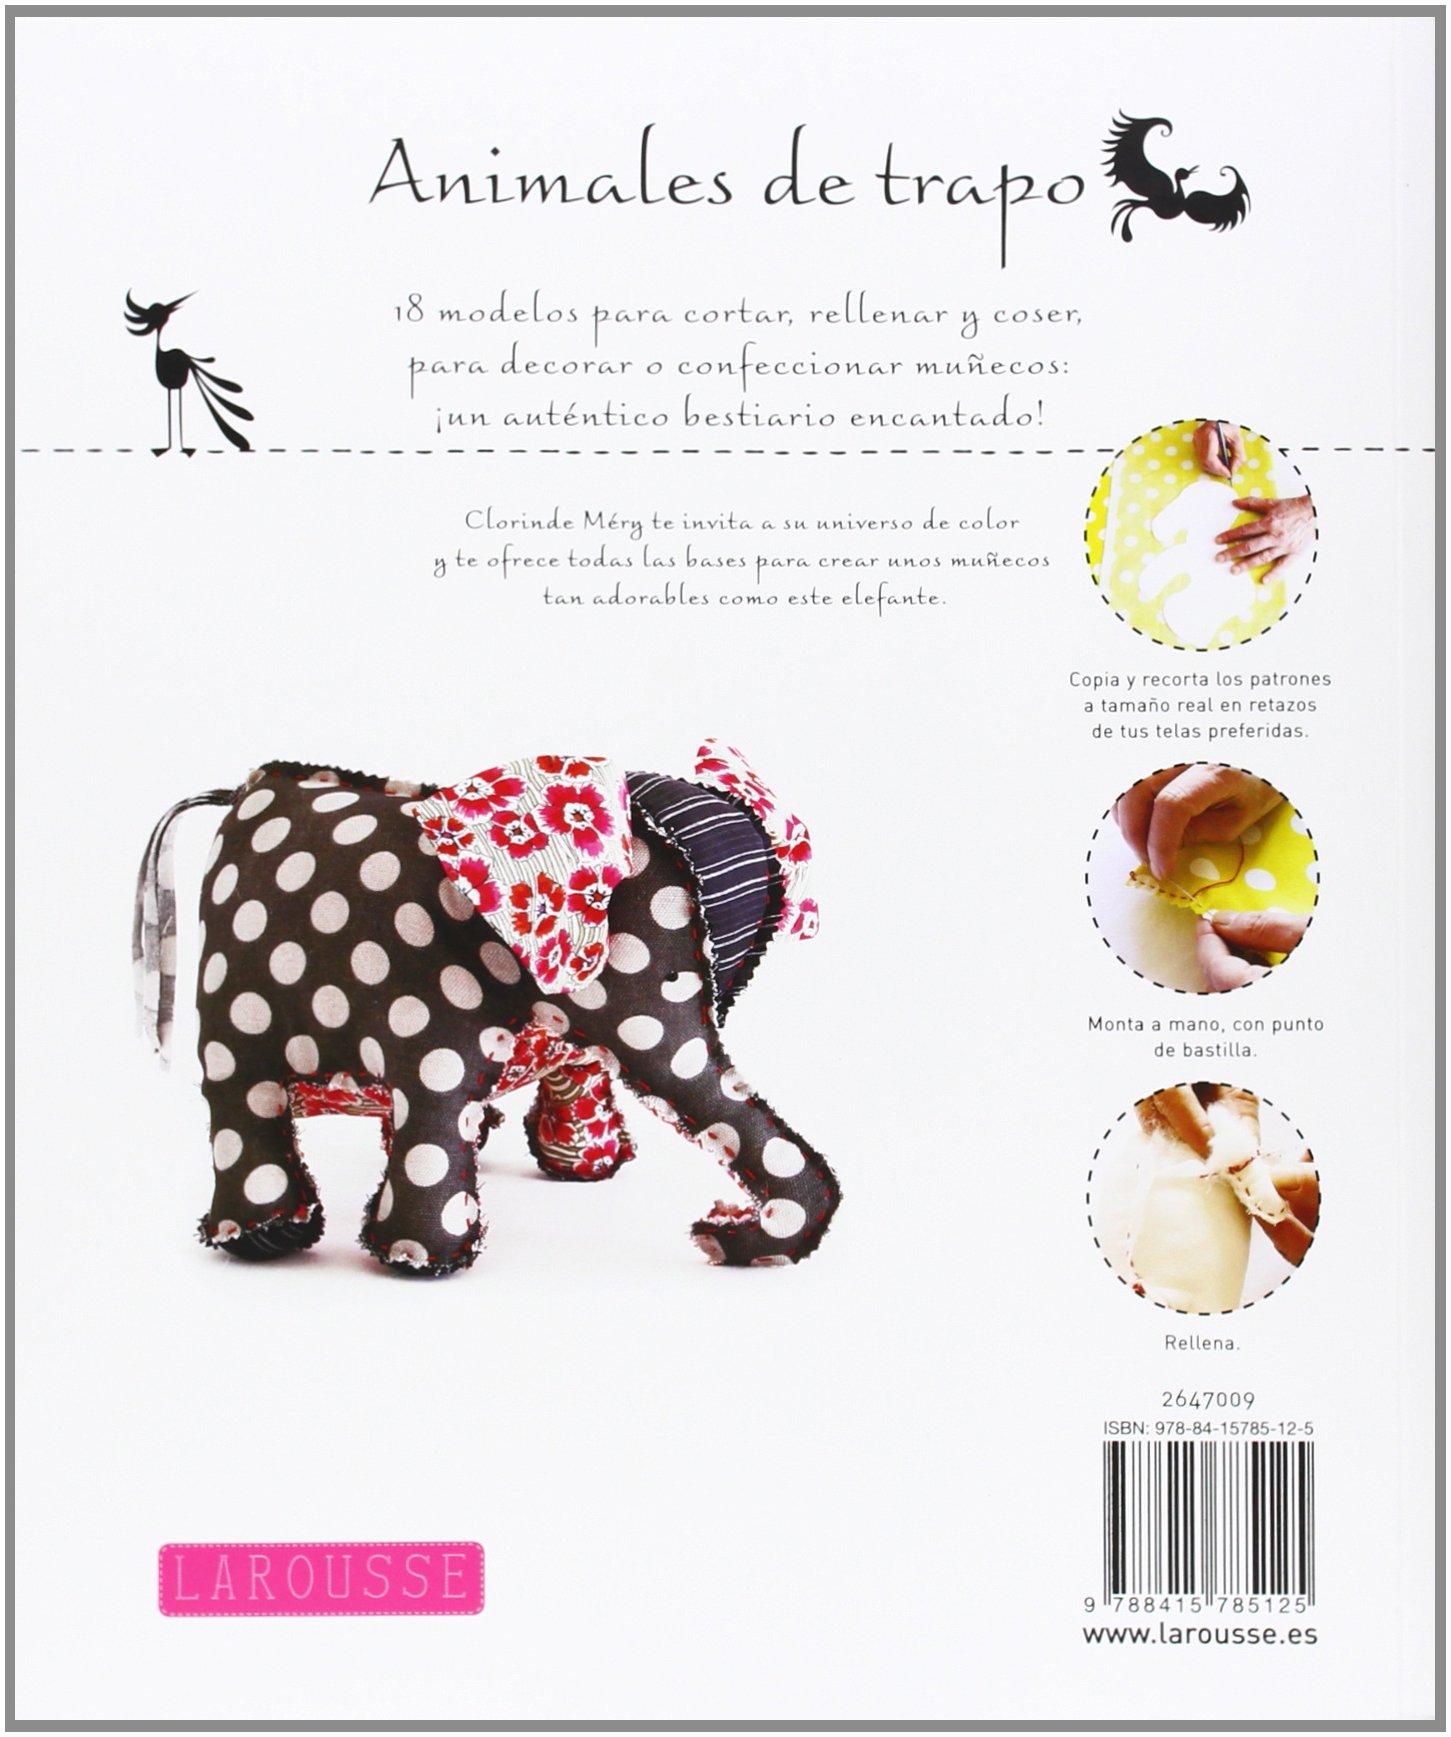 Animales de trapo Larousse - Libros Ilustrados/ Prácticos - Ocio Y ...